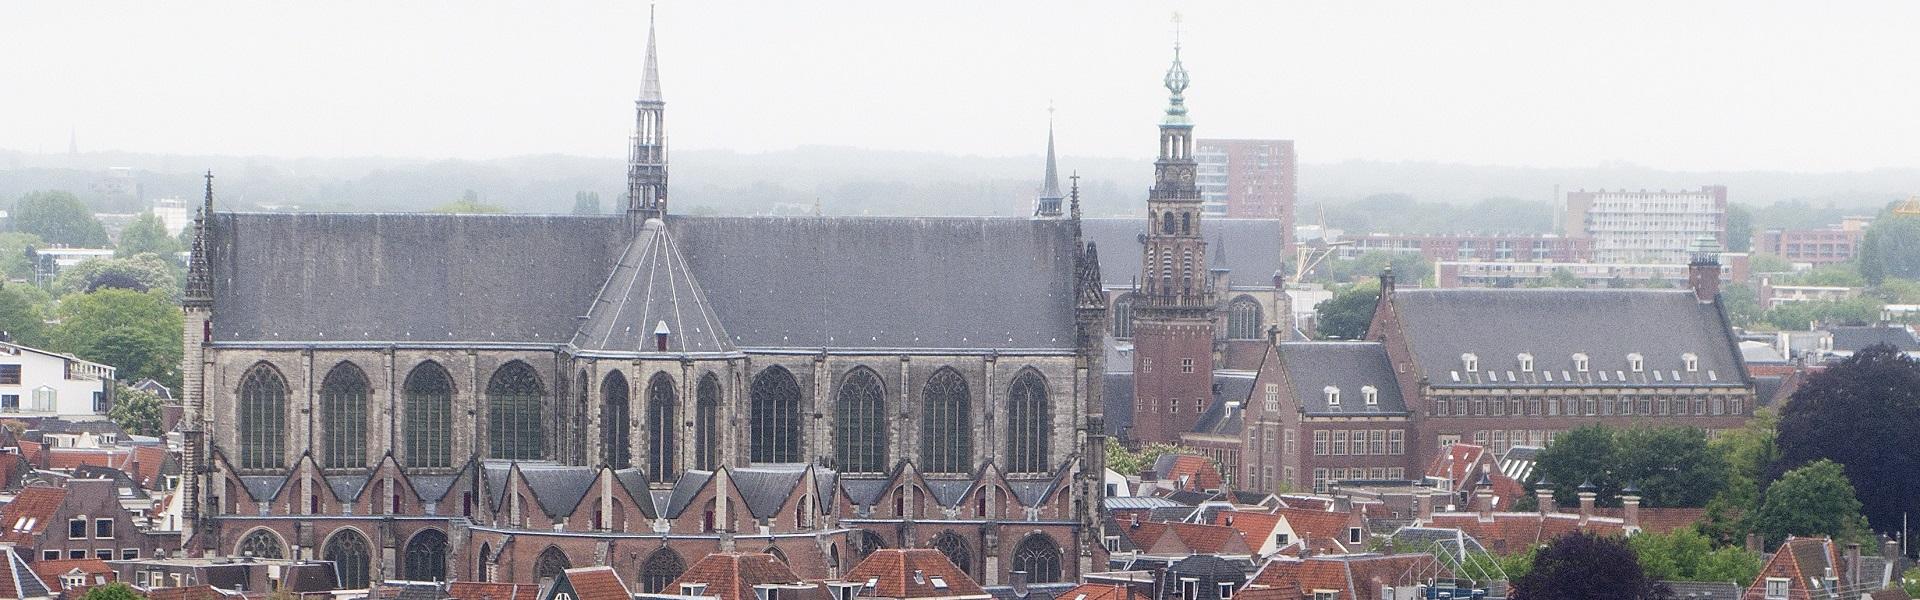 ronje om de kerk leiden